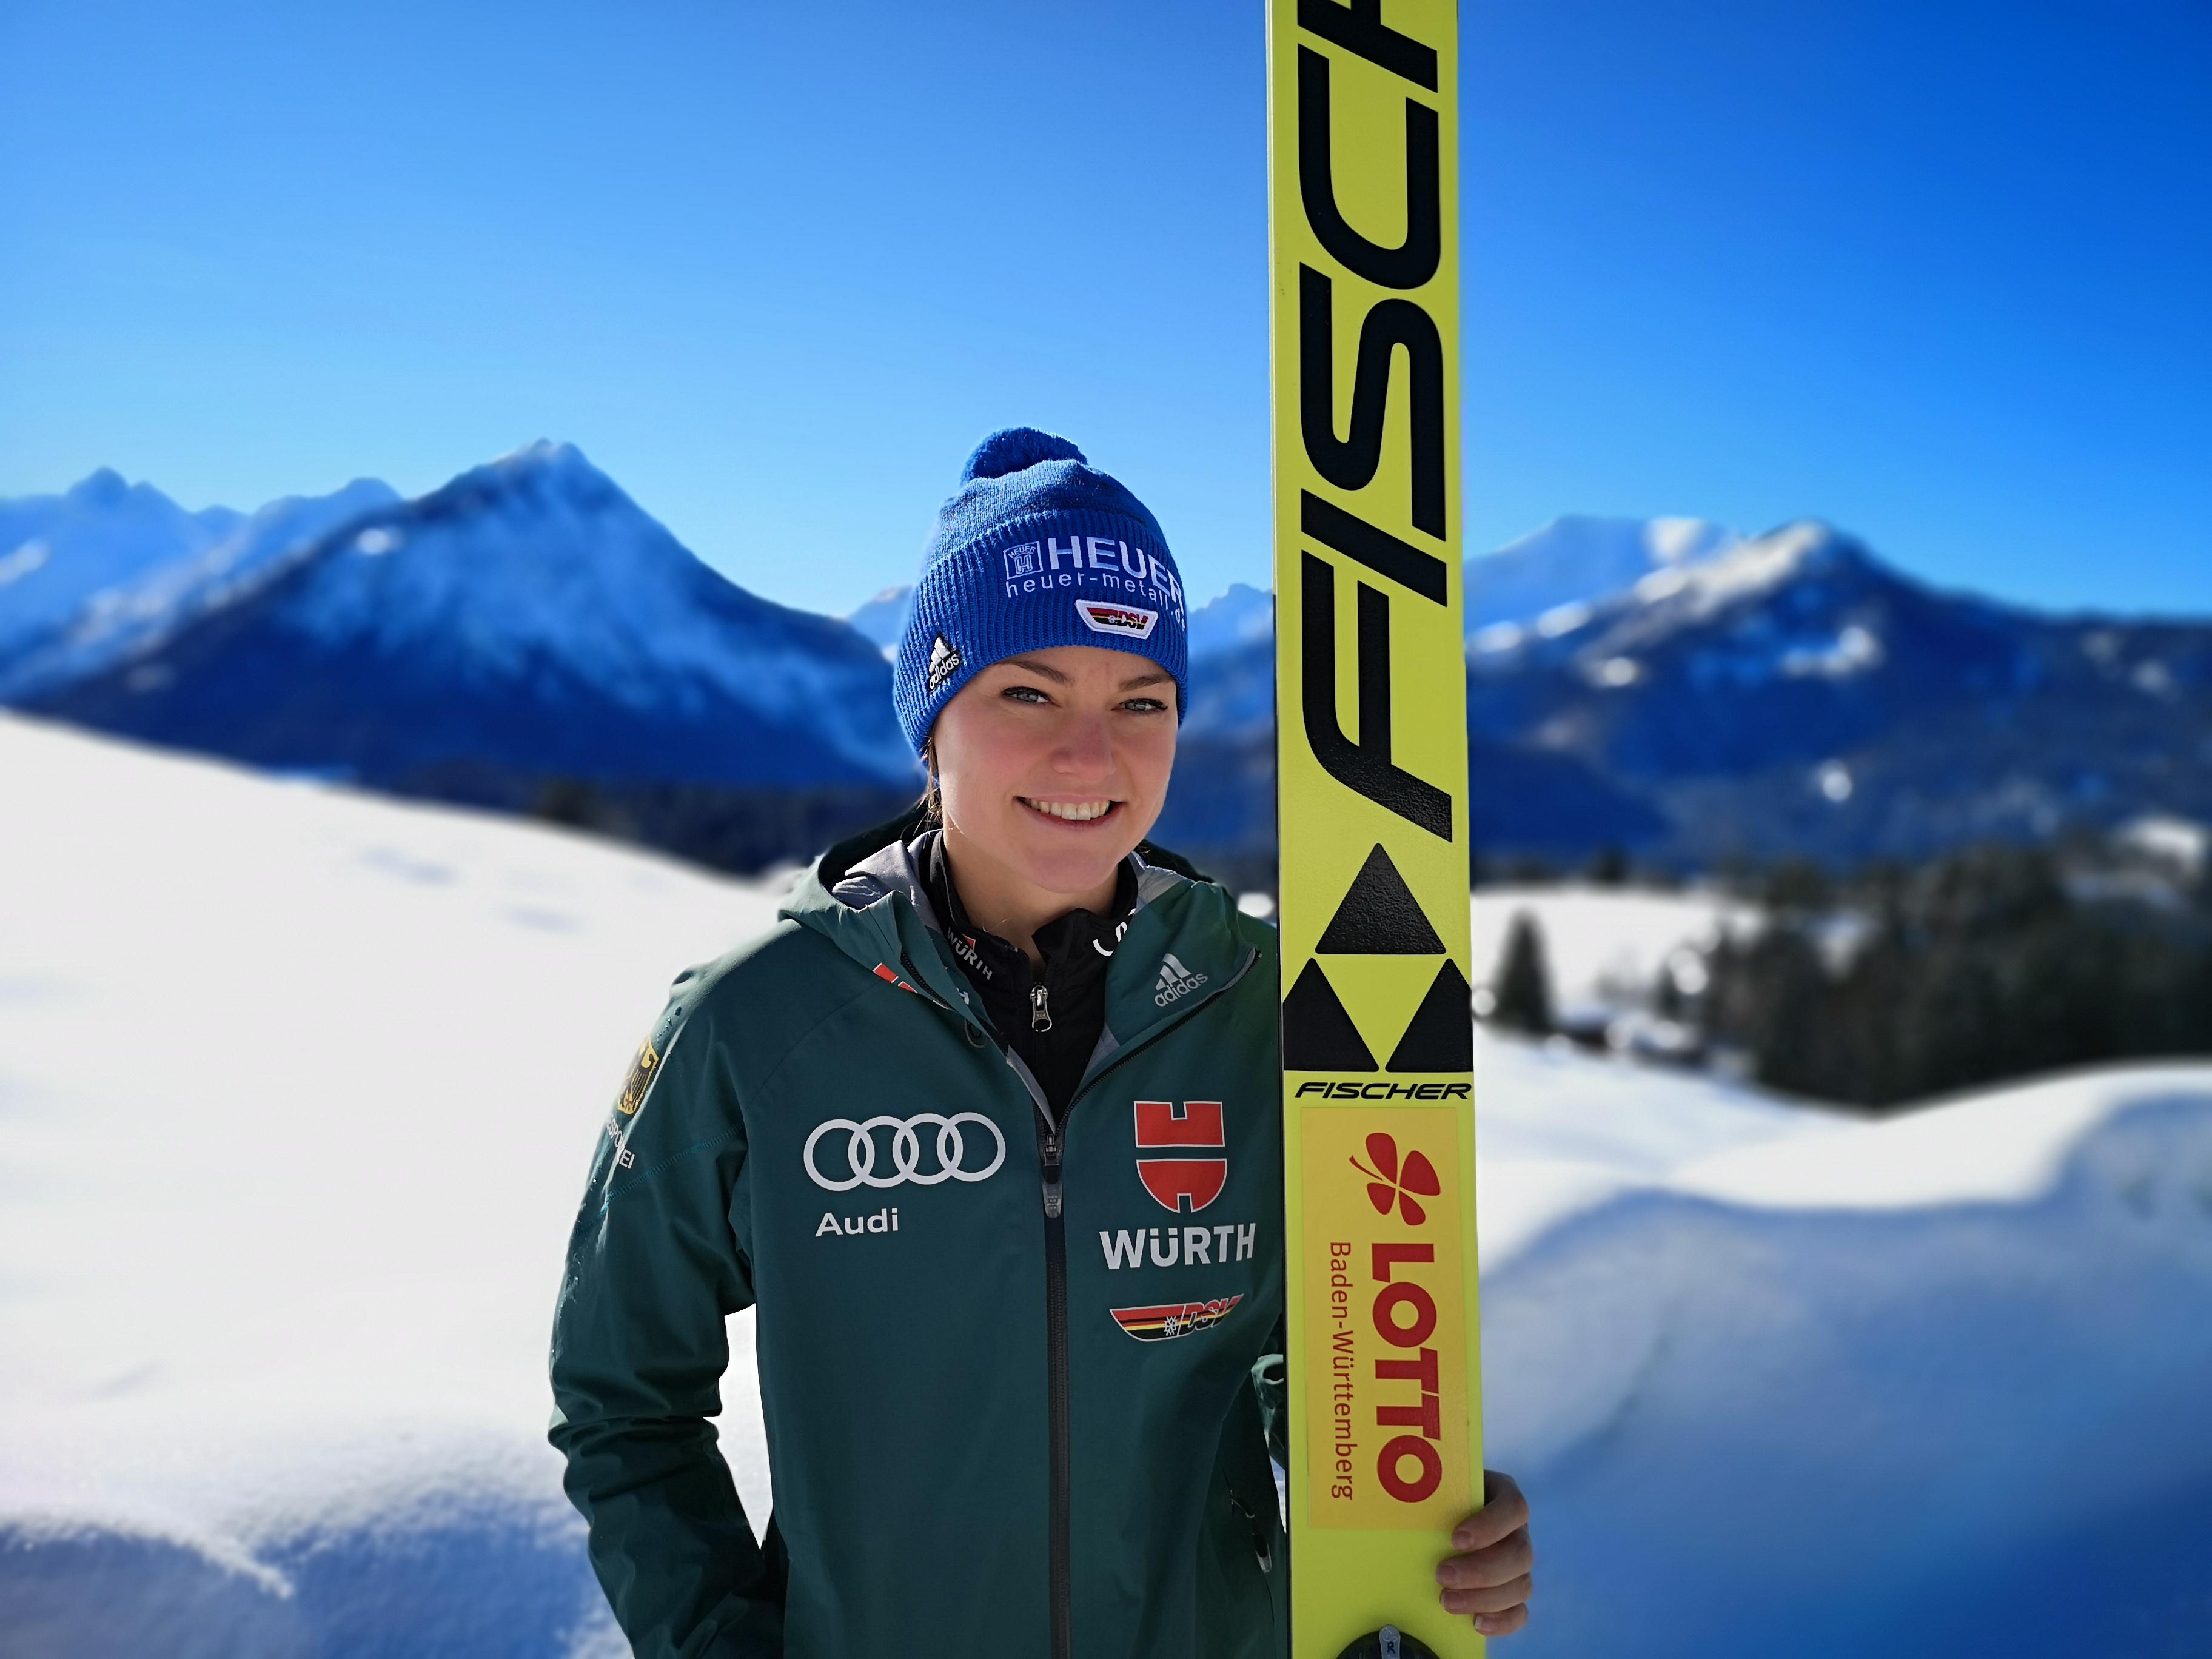 Sport hat viele Facetten: Skispringerin Carina Vogt schätzt all die tollen Erlebnisse, mit denen sie für die harte Arbeit belohnt wird.